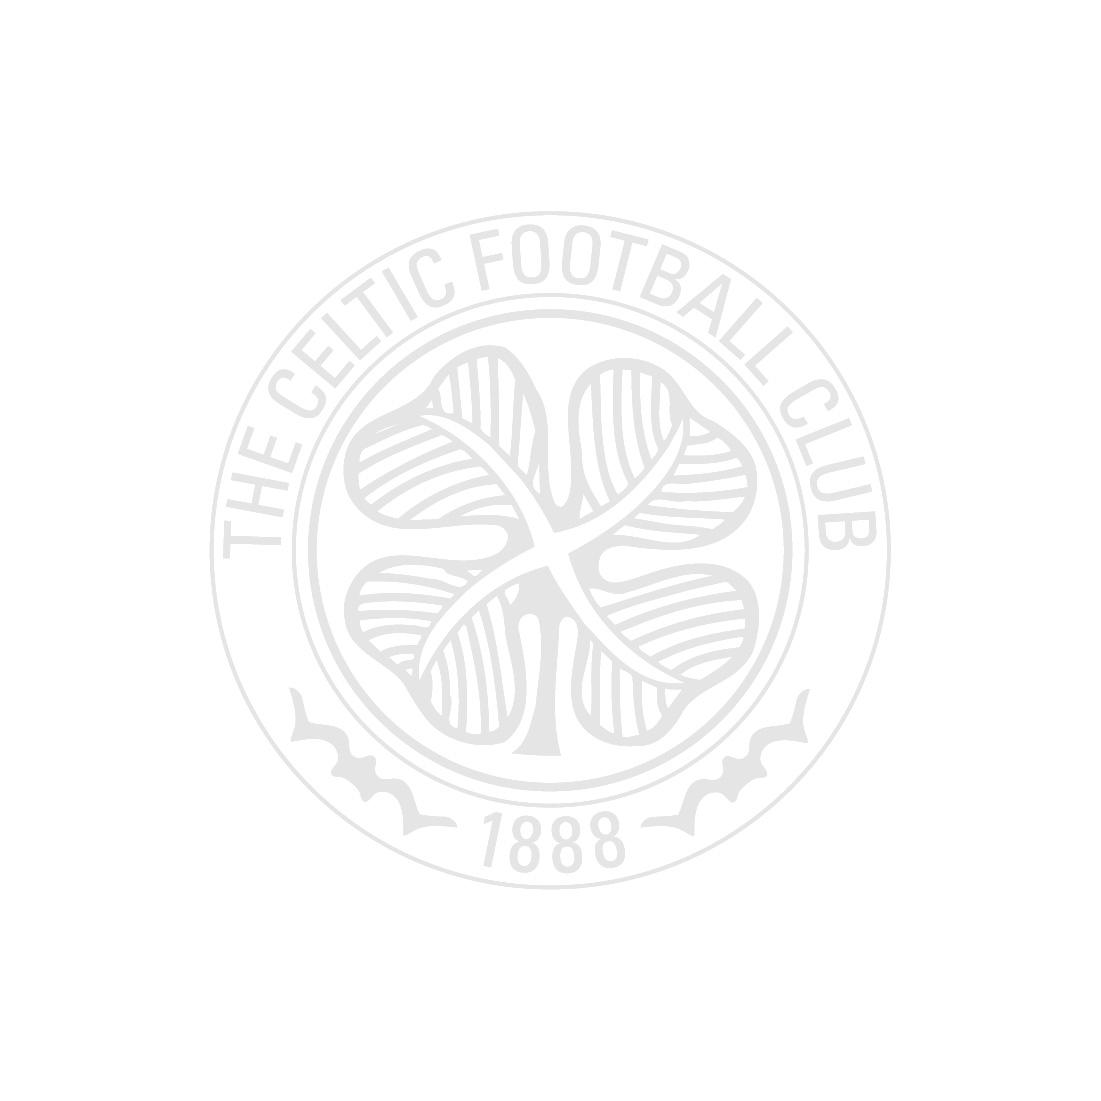 Celtic Older Boys Dot 88 T-shirt